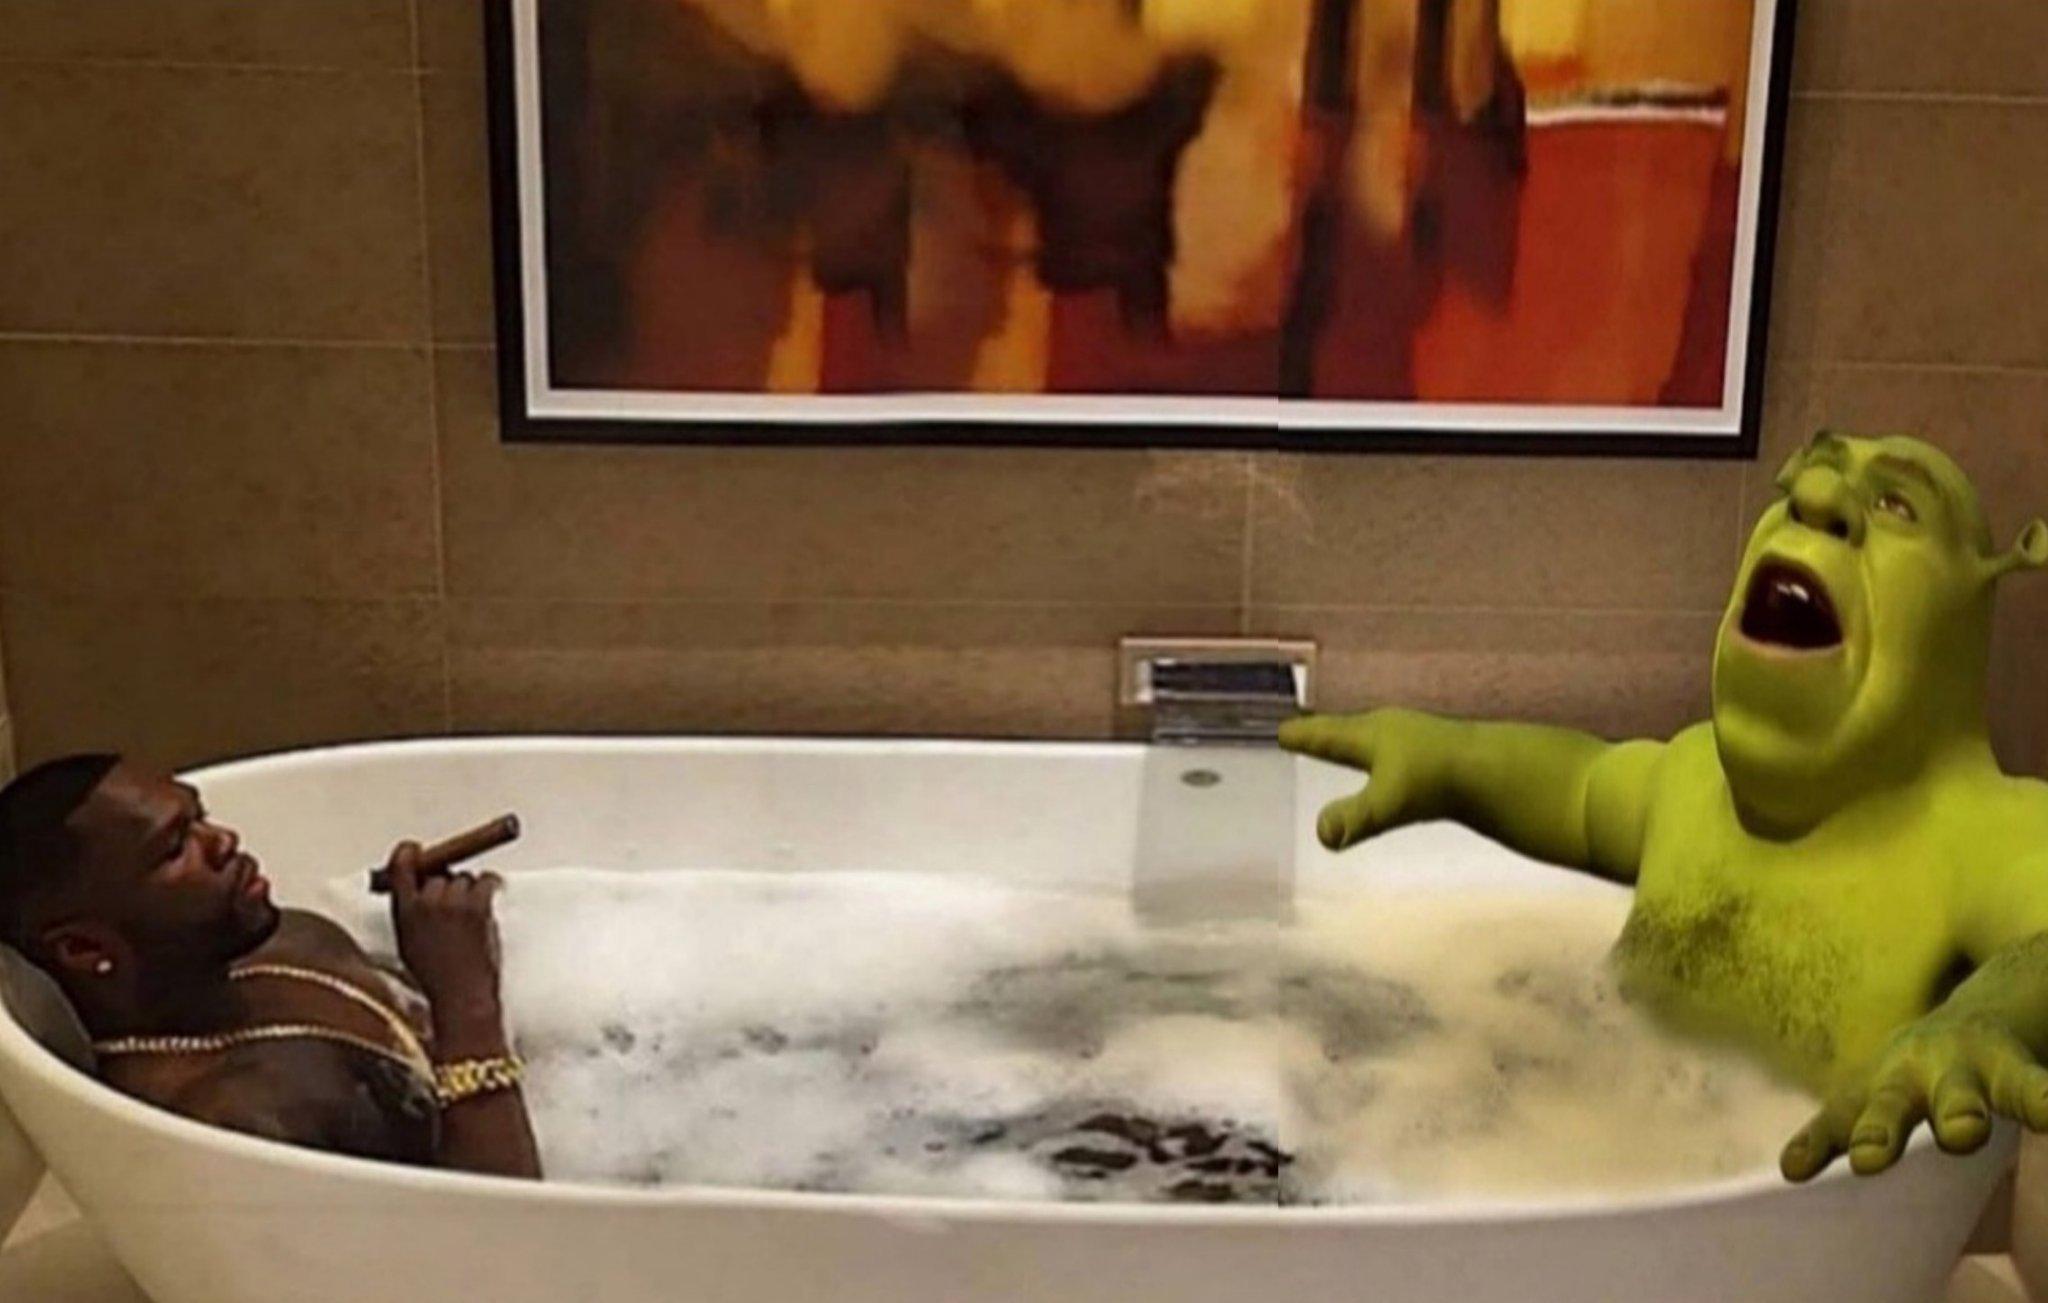 El amigo chuerk dandose un baño - meme